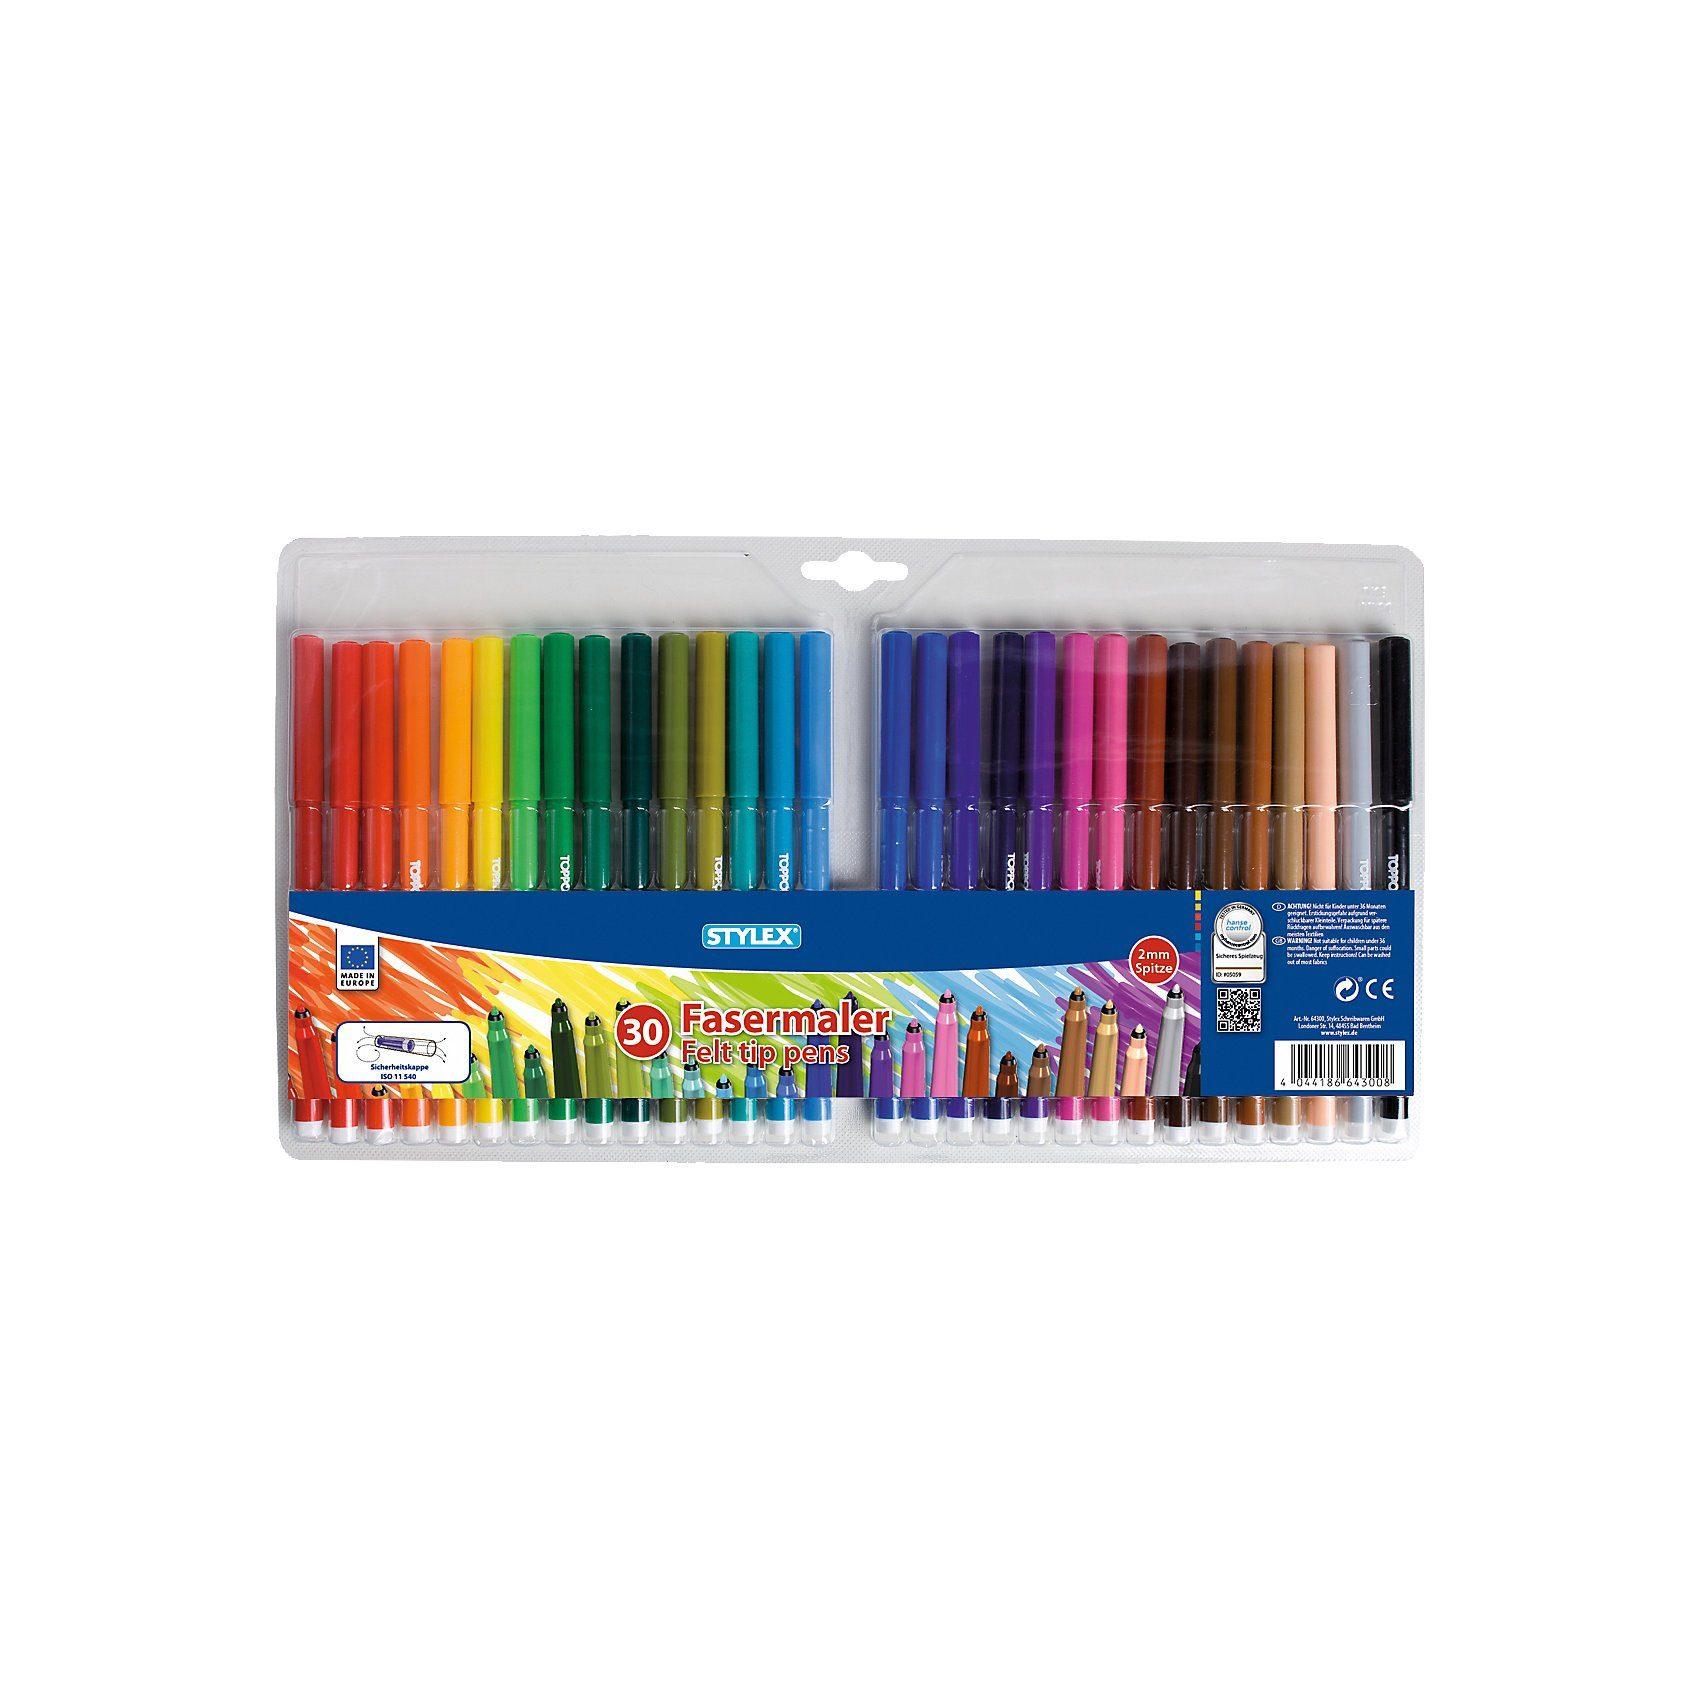 Stylex Filzstifte, 30 Farben